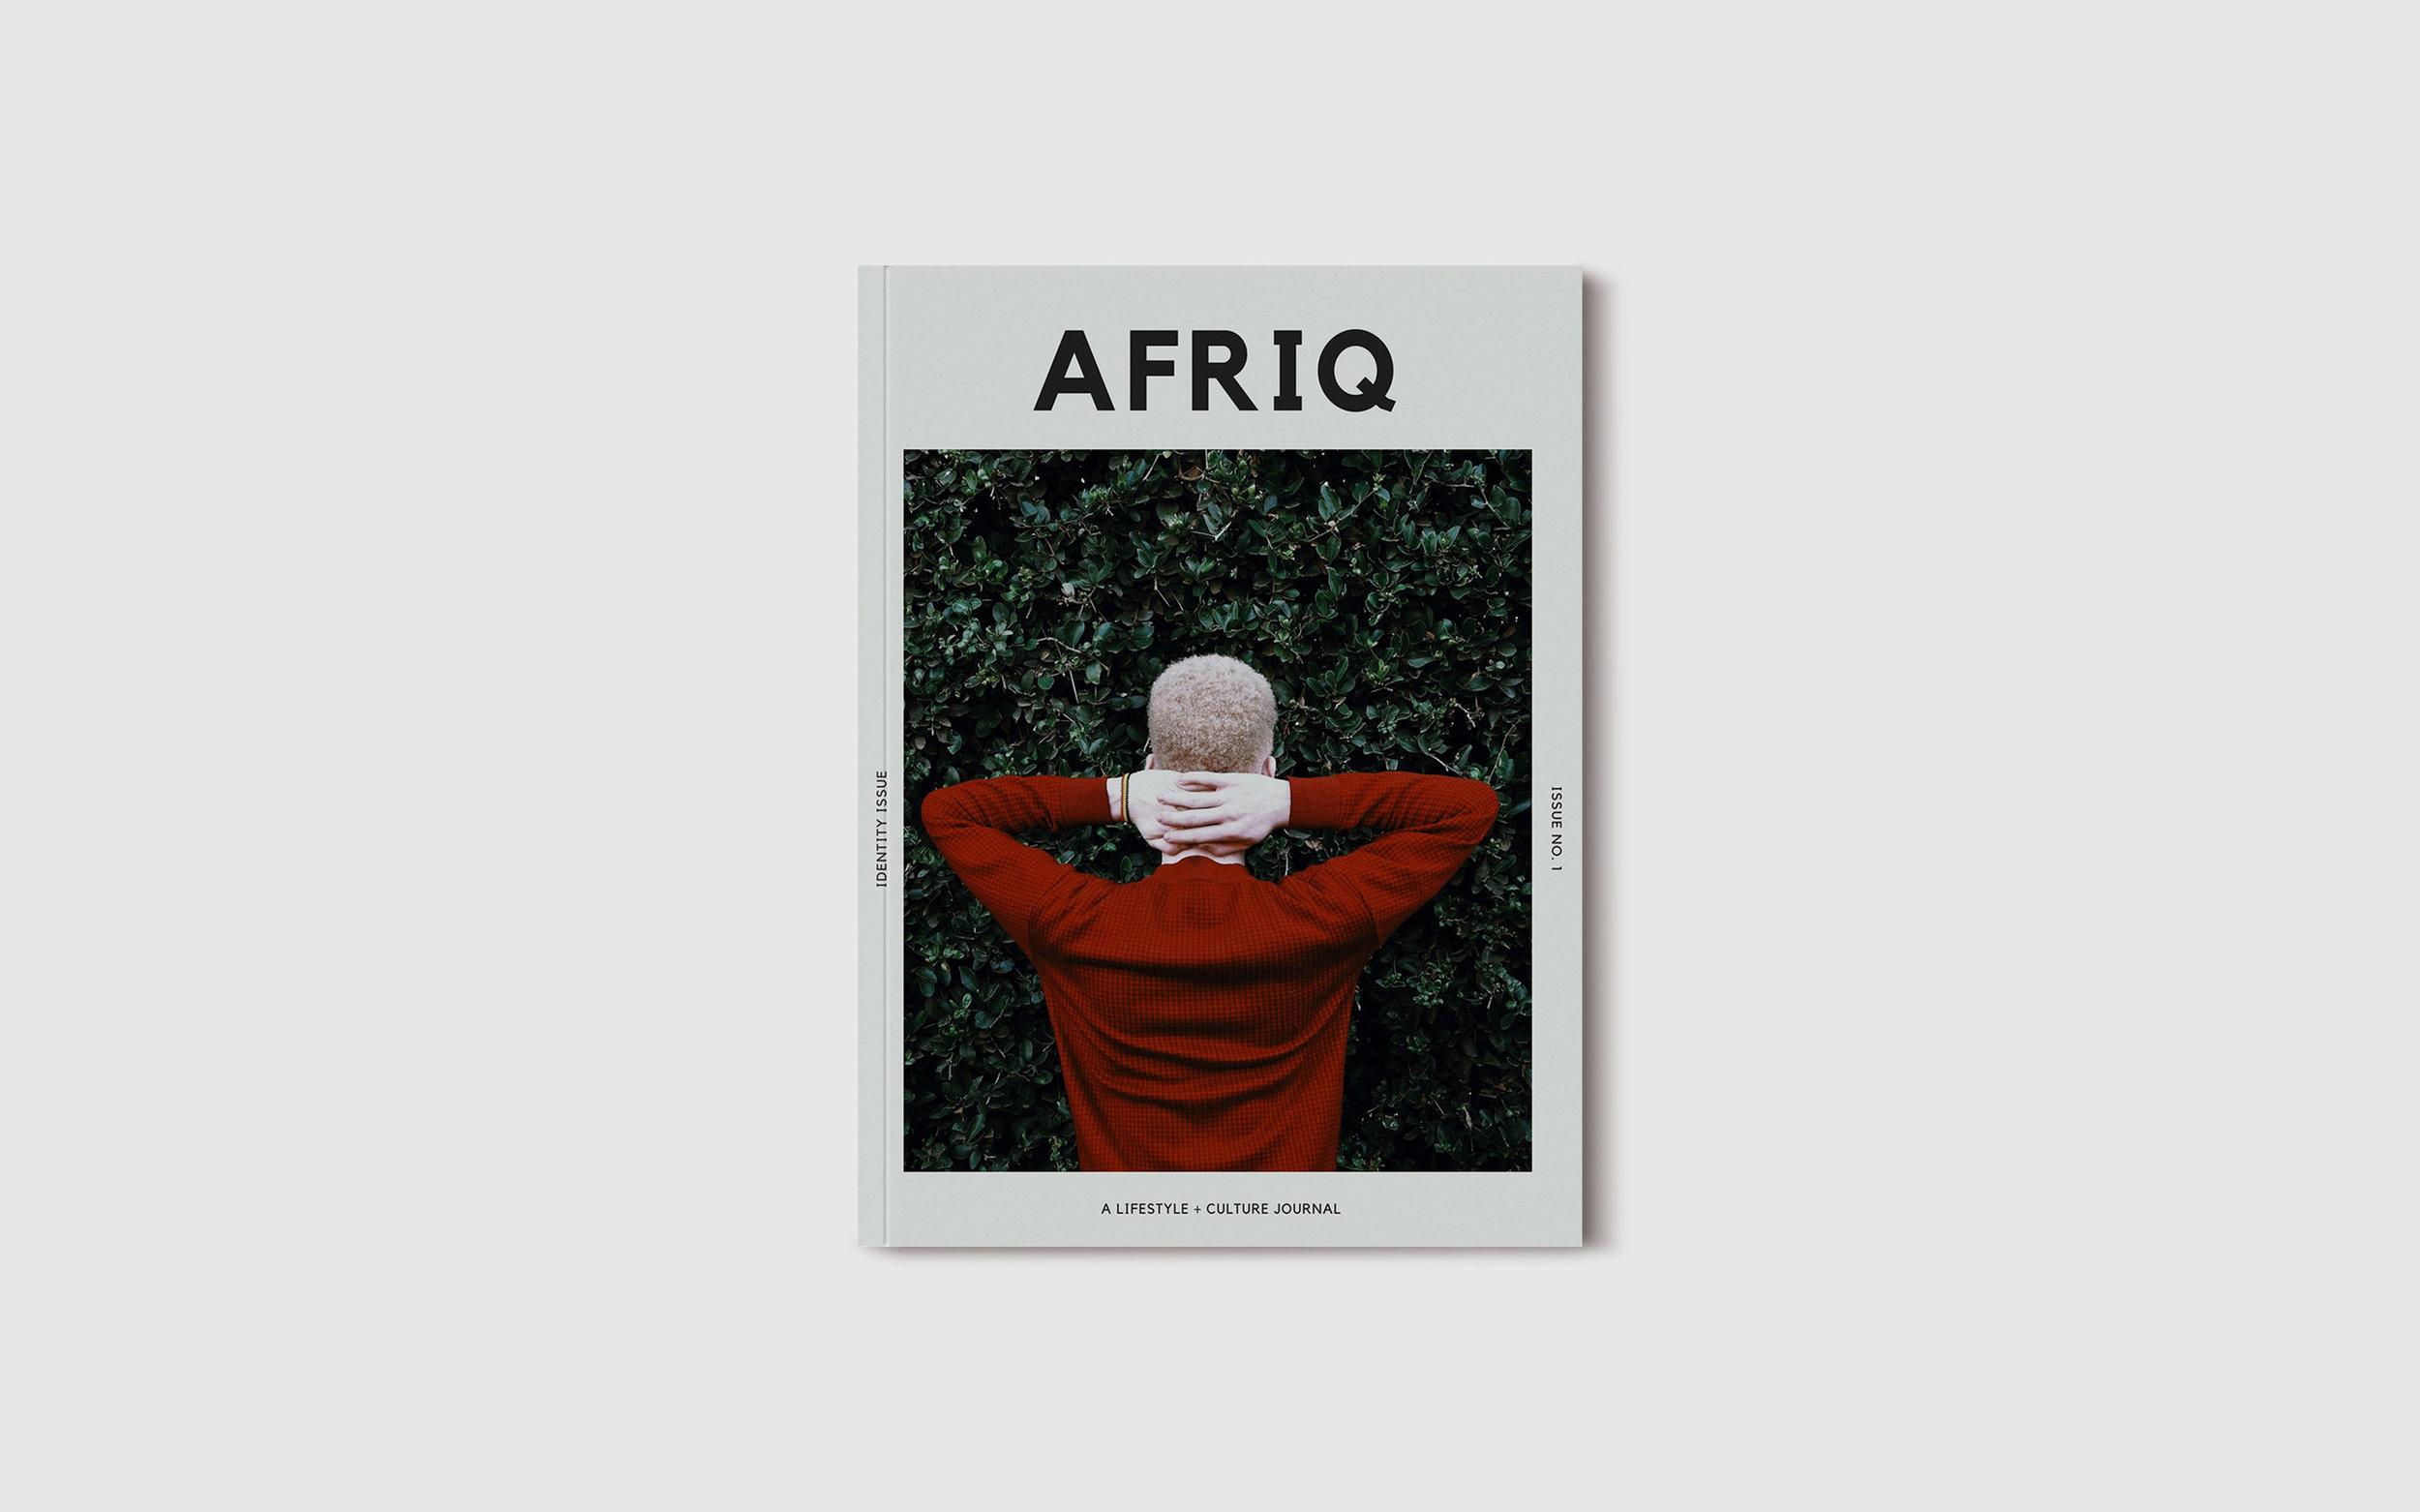 AFRIQ